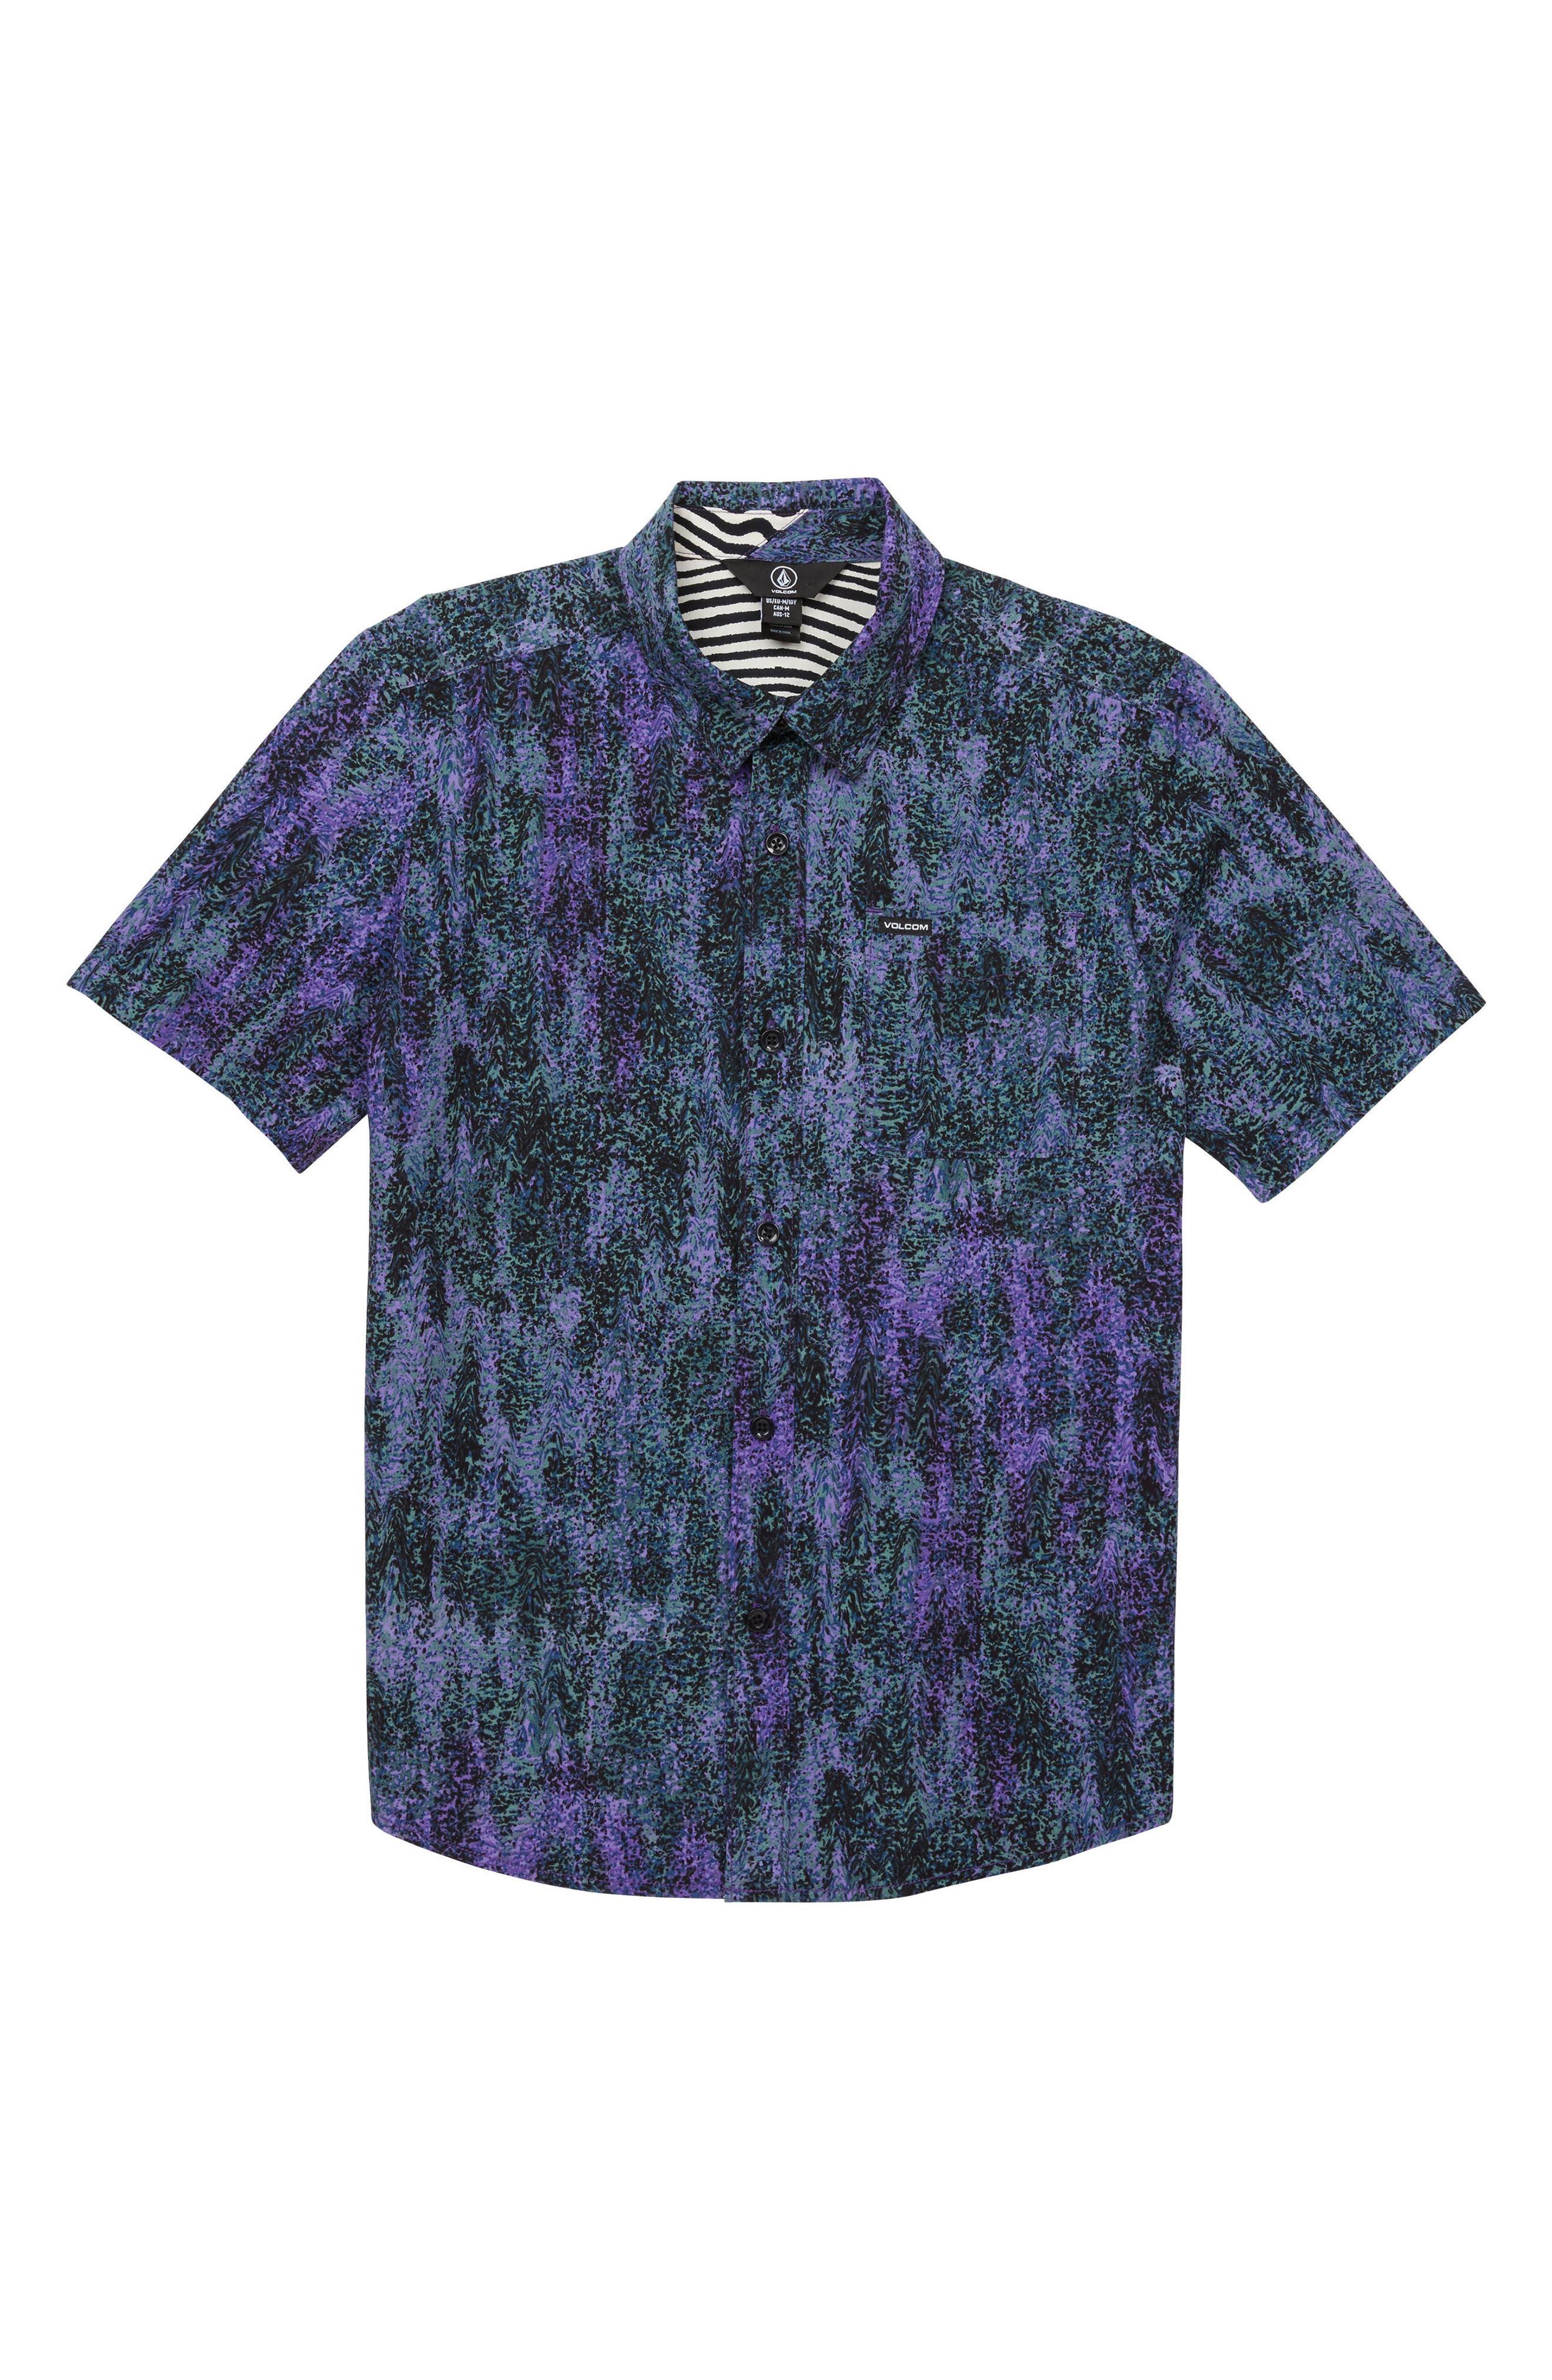 Klasey Woven Shirt,                             Main thumbnail 1, color,                             405